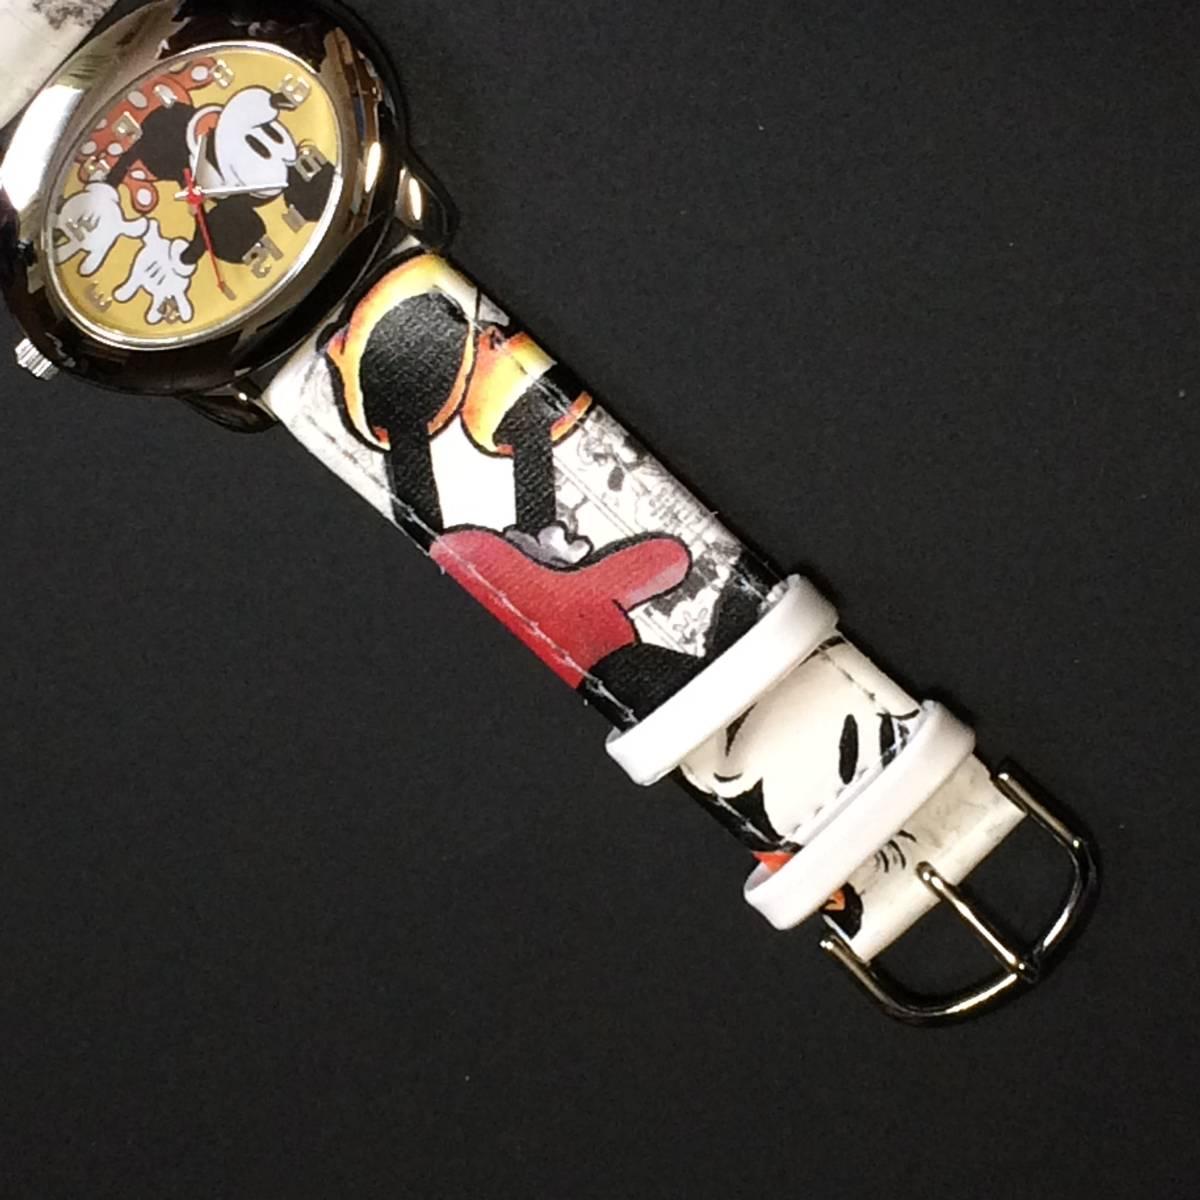 ディズニー ★ ディズニーウオッチ (ミッキーマウス) 腕時計 昭和 希少_画像2